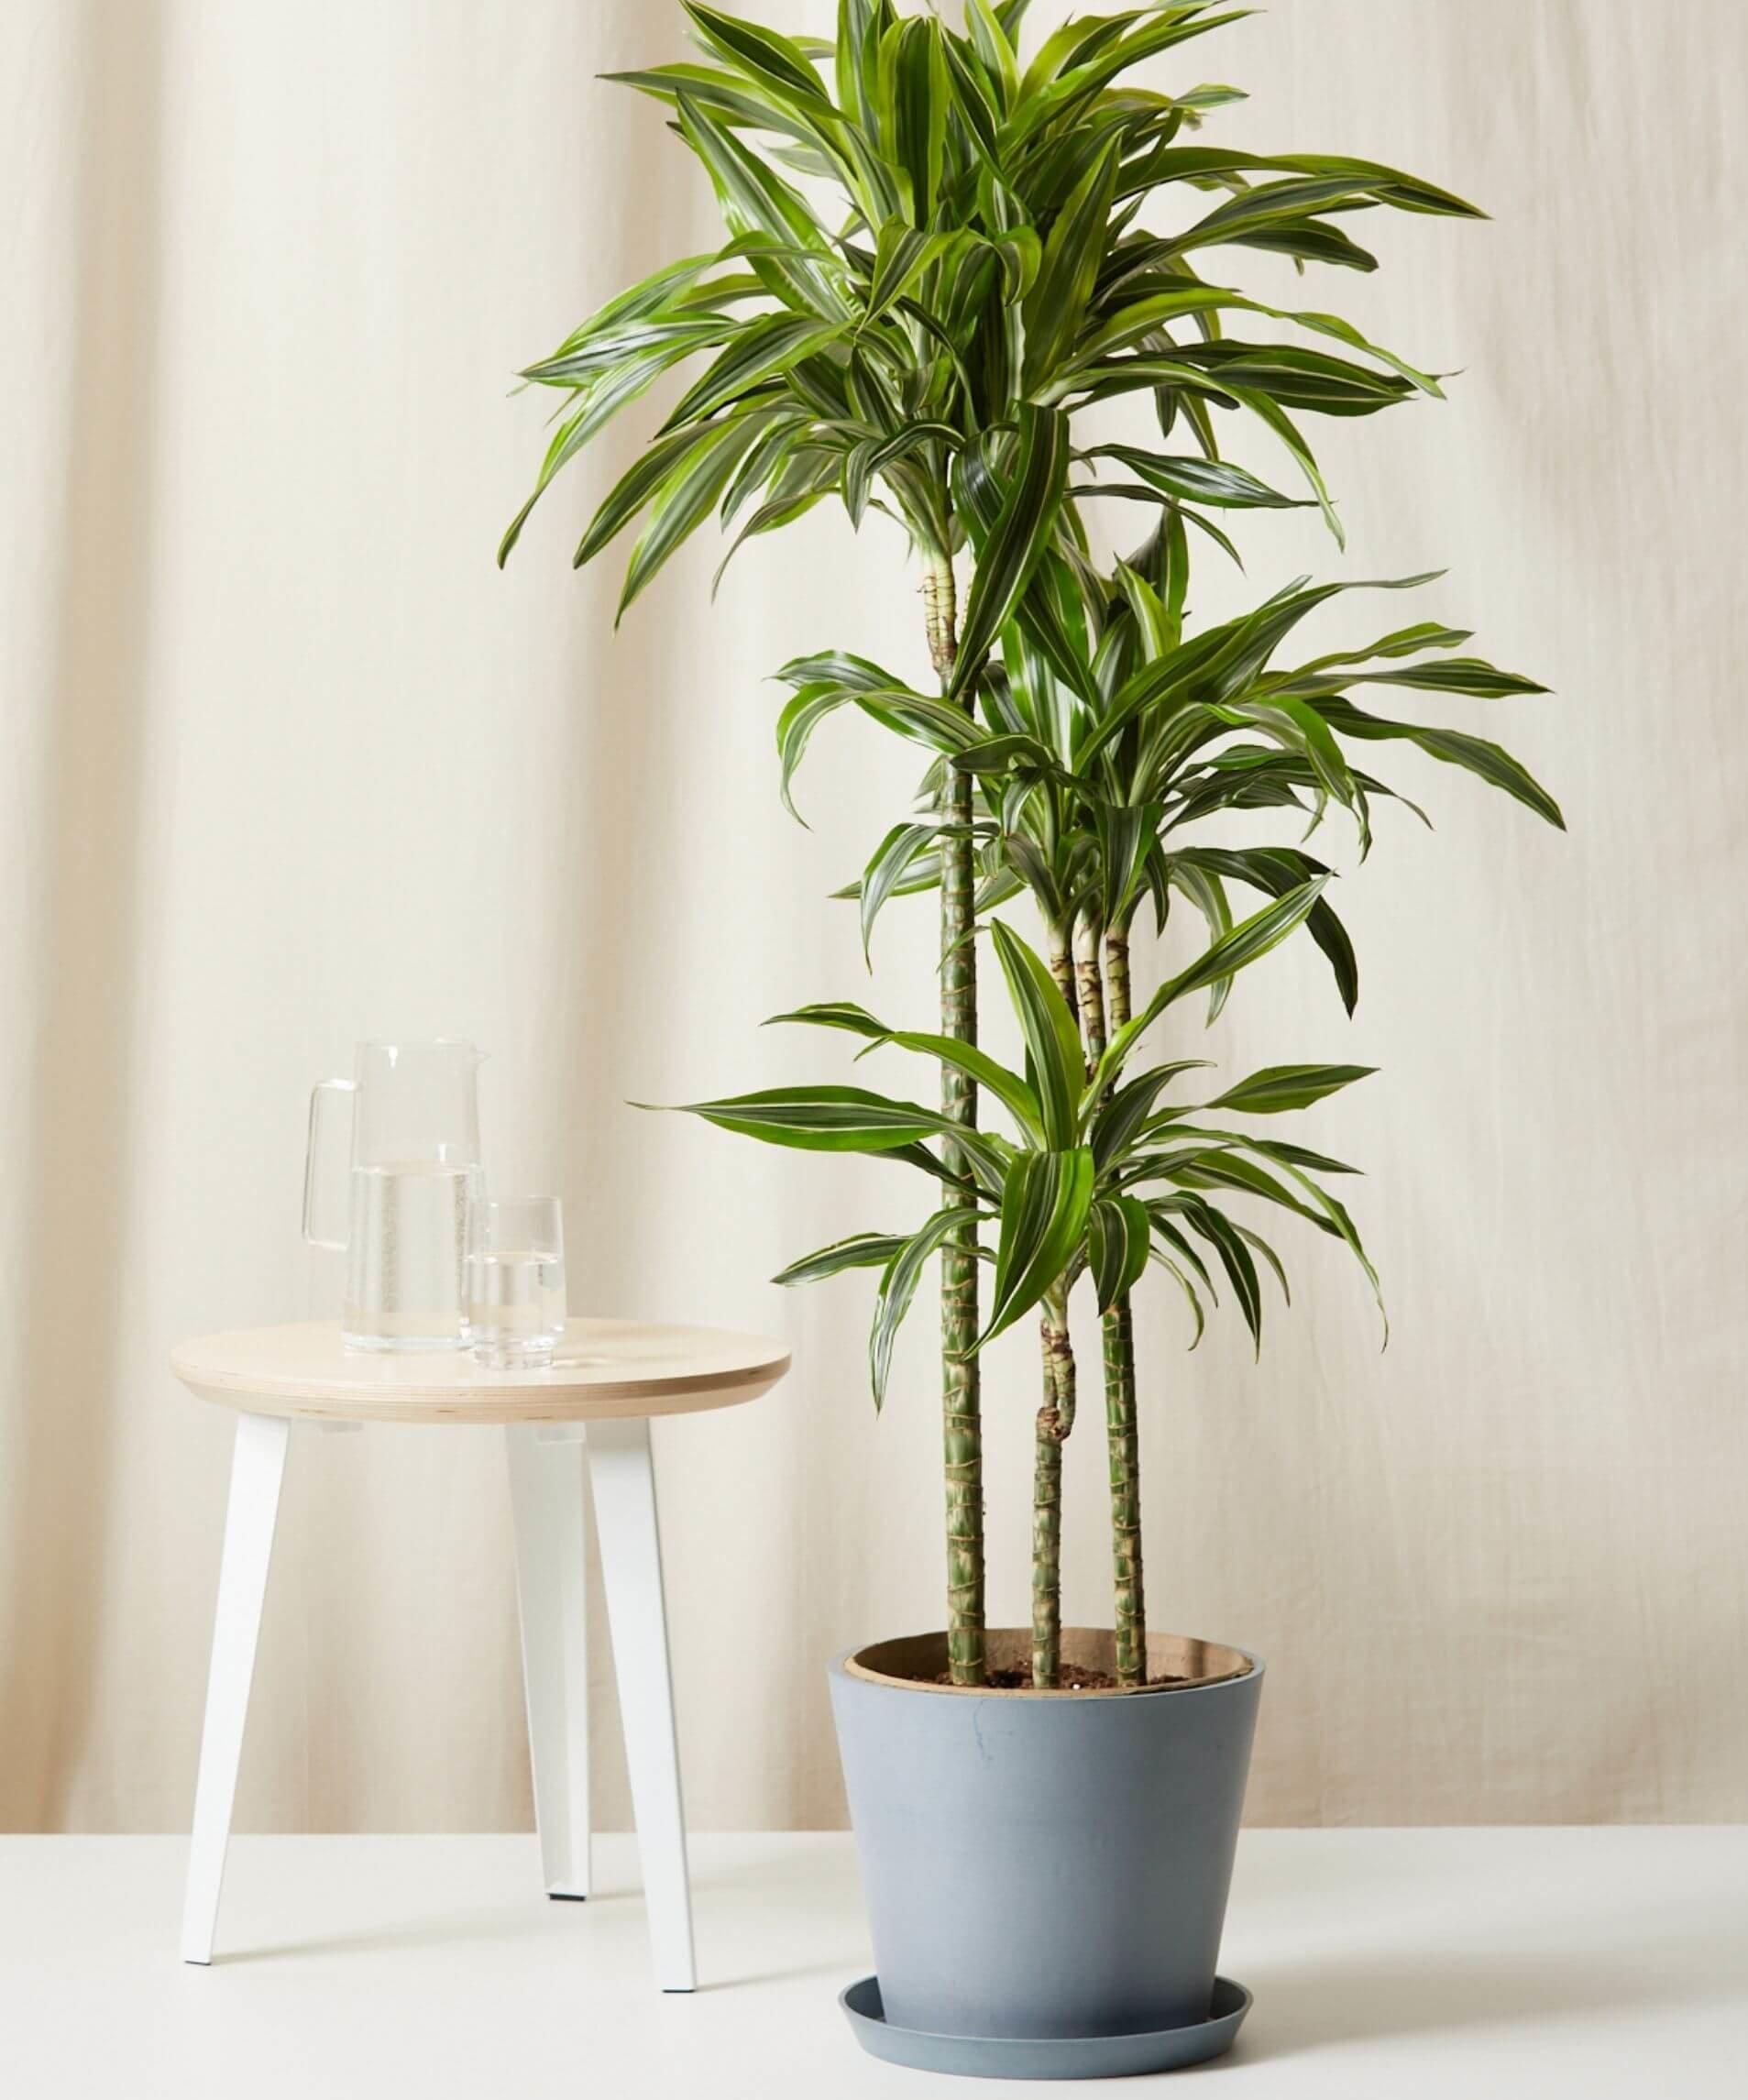 bloomscape_dracaena-gold-lemon-lime_stone-resize-e1625252440907.jpg